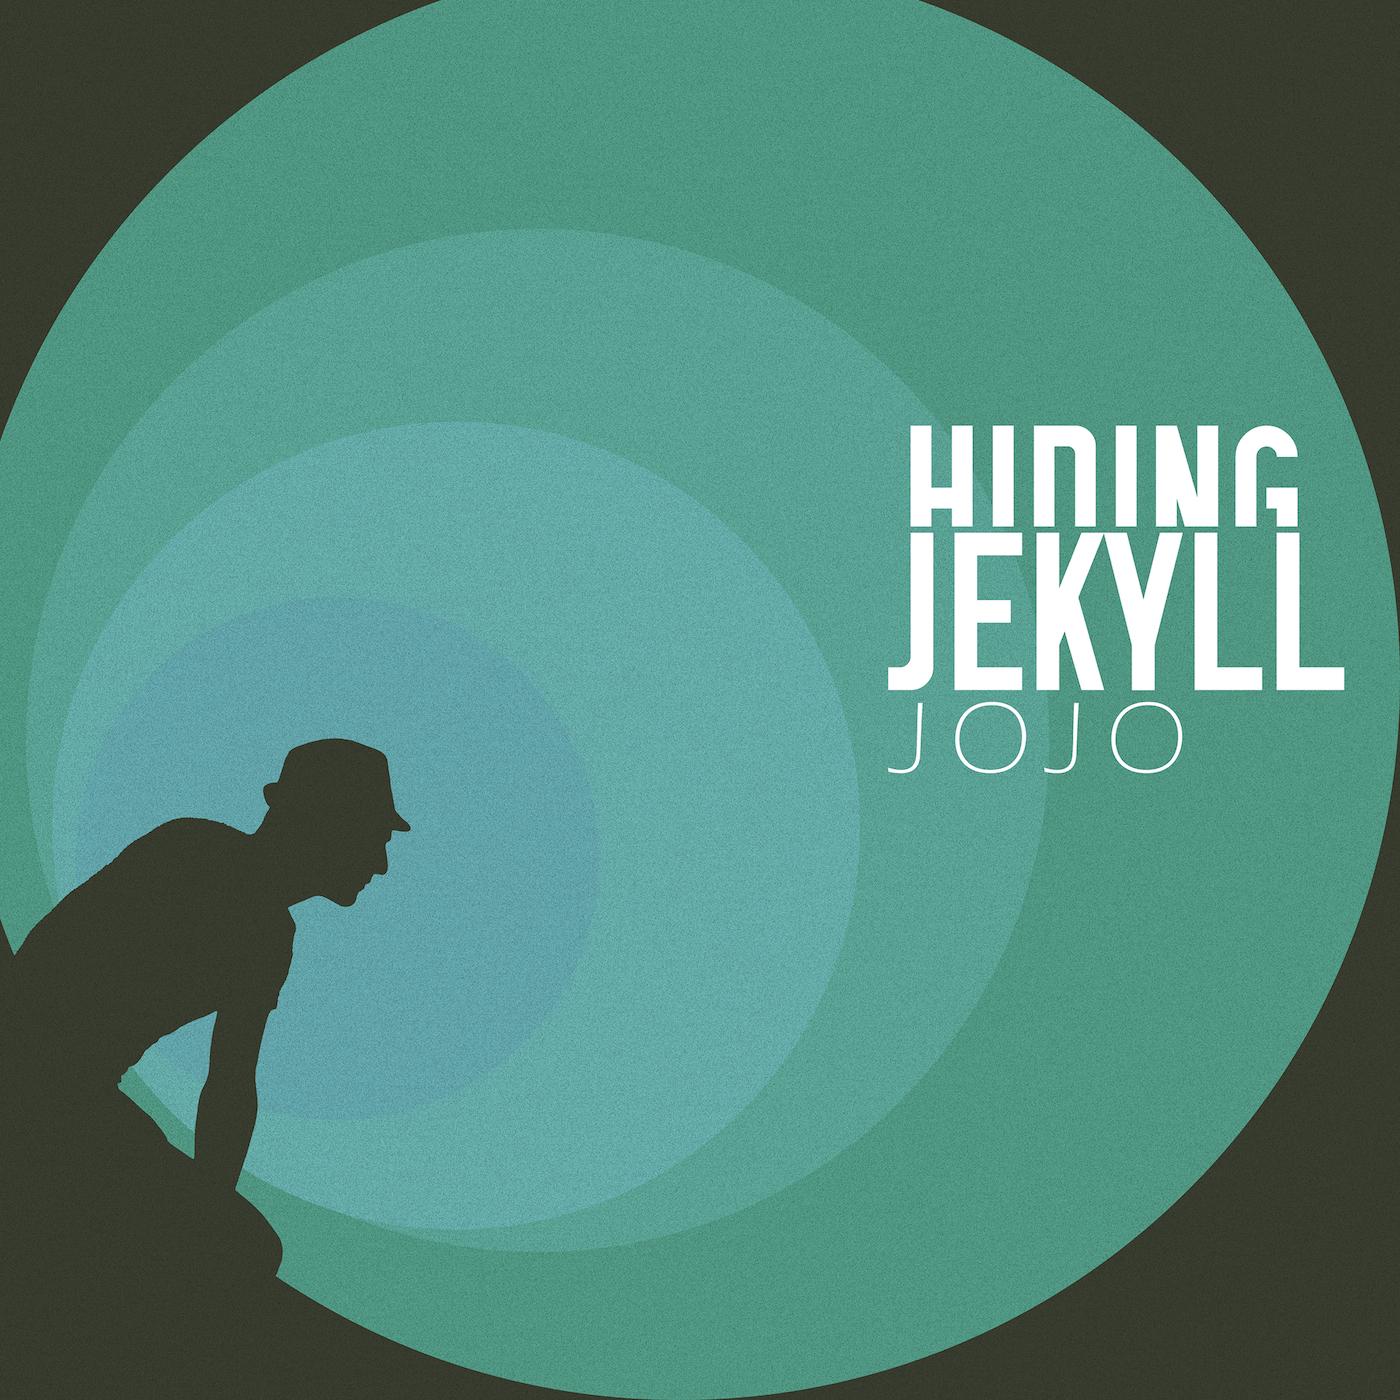 Hiding Jekyll - JoJo